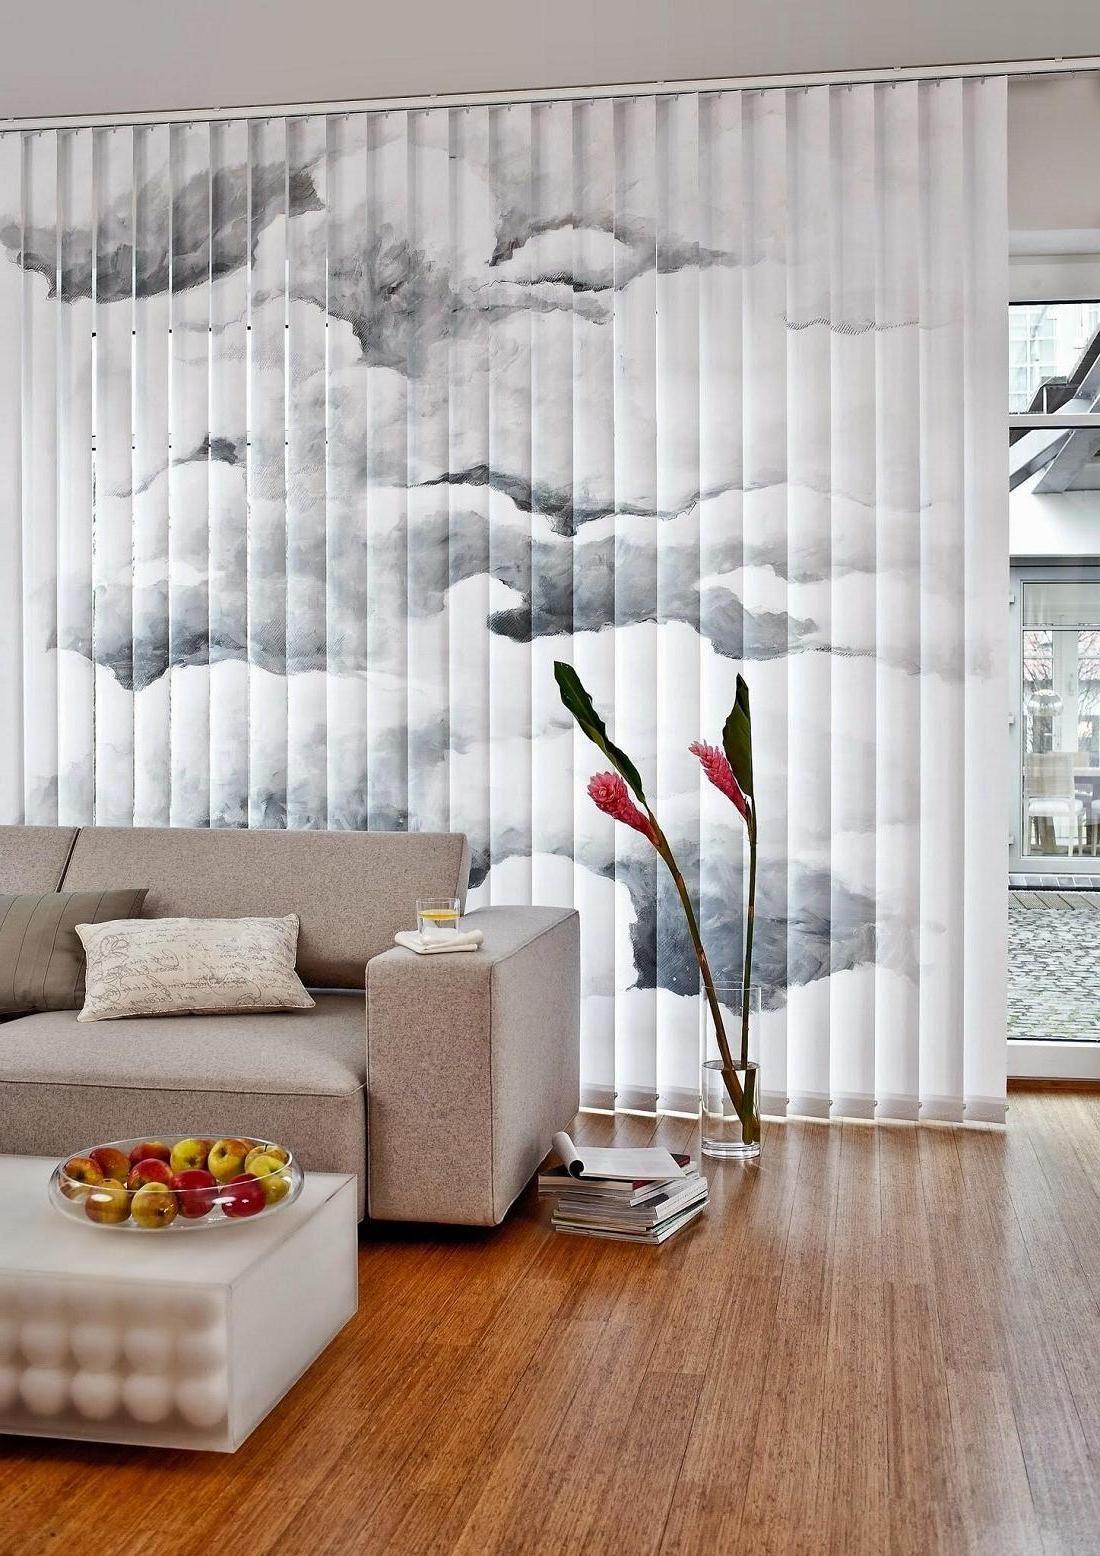 lamellenvorhang mit wolkenzeichnung individualdruck pinterest wolkenzeichnung. Black Bedroom Furniture Sets. Home Design Ideas